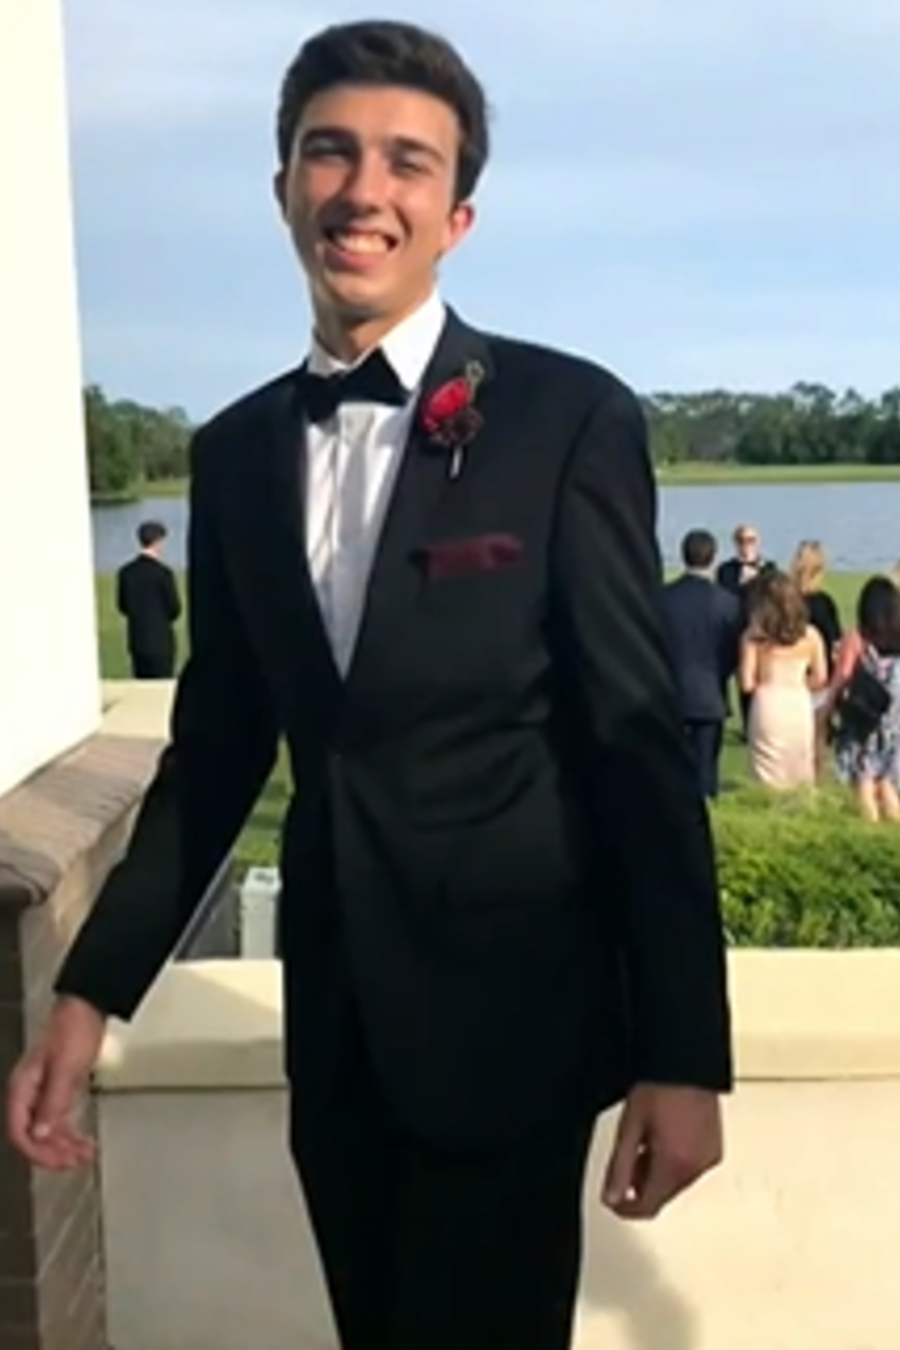 Dylan Hernández, estudiante de la Universidad de San Diego, murió tras una fiesta en una fraternidad